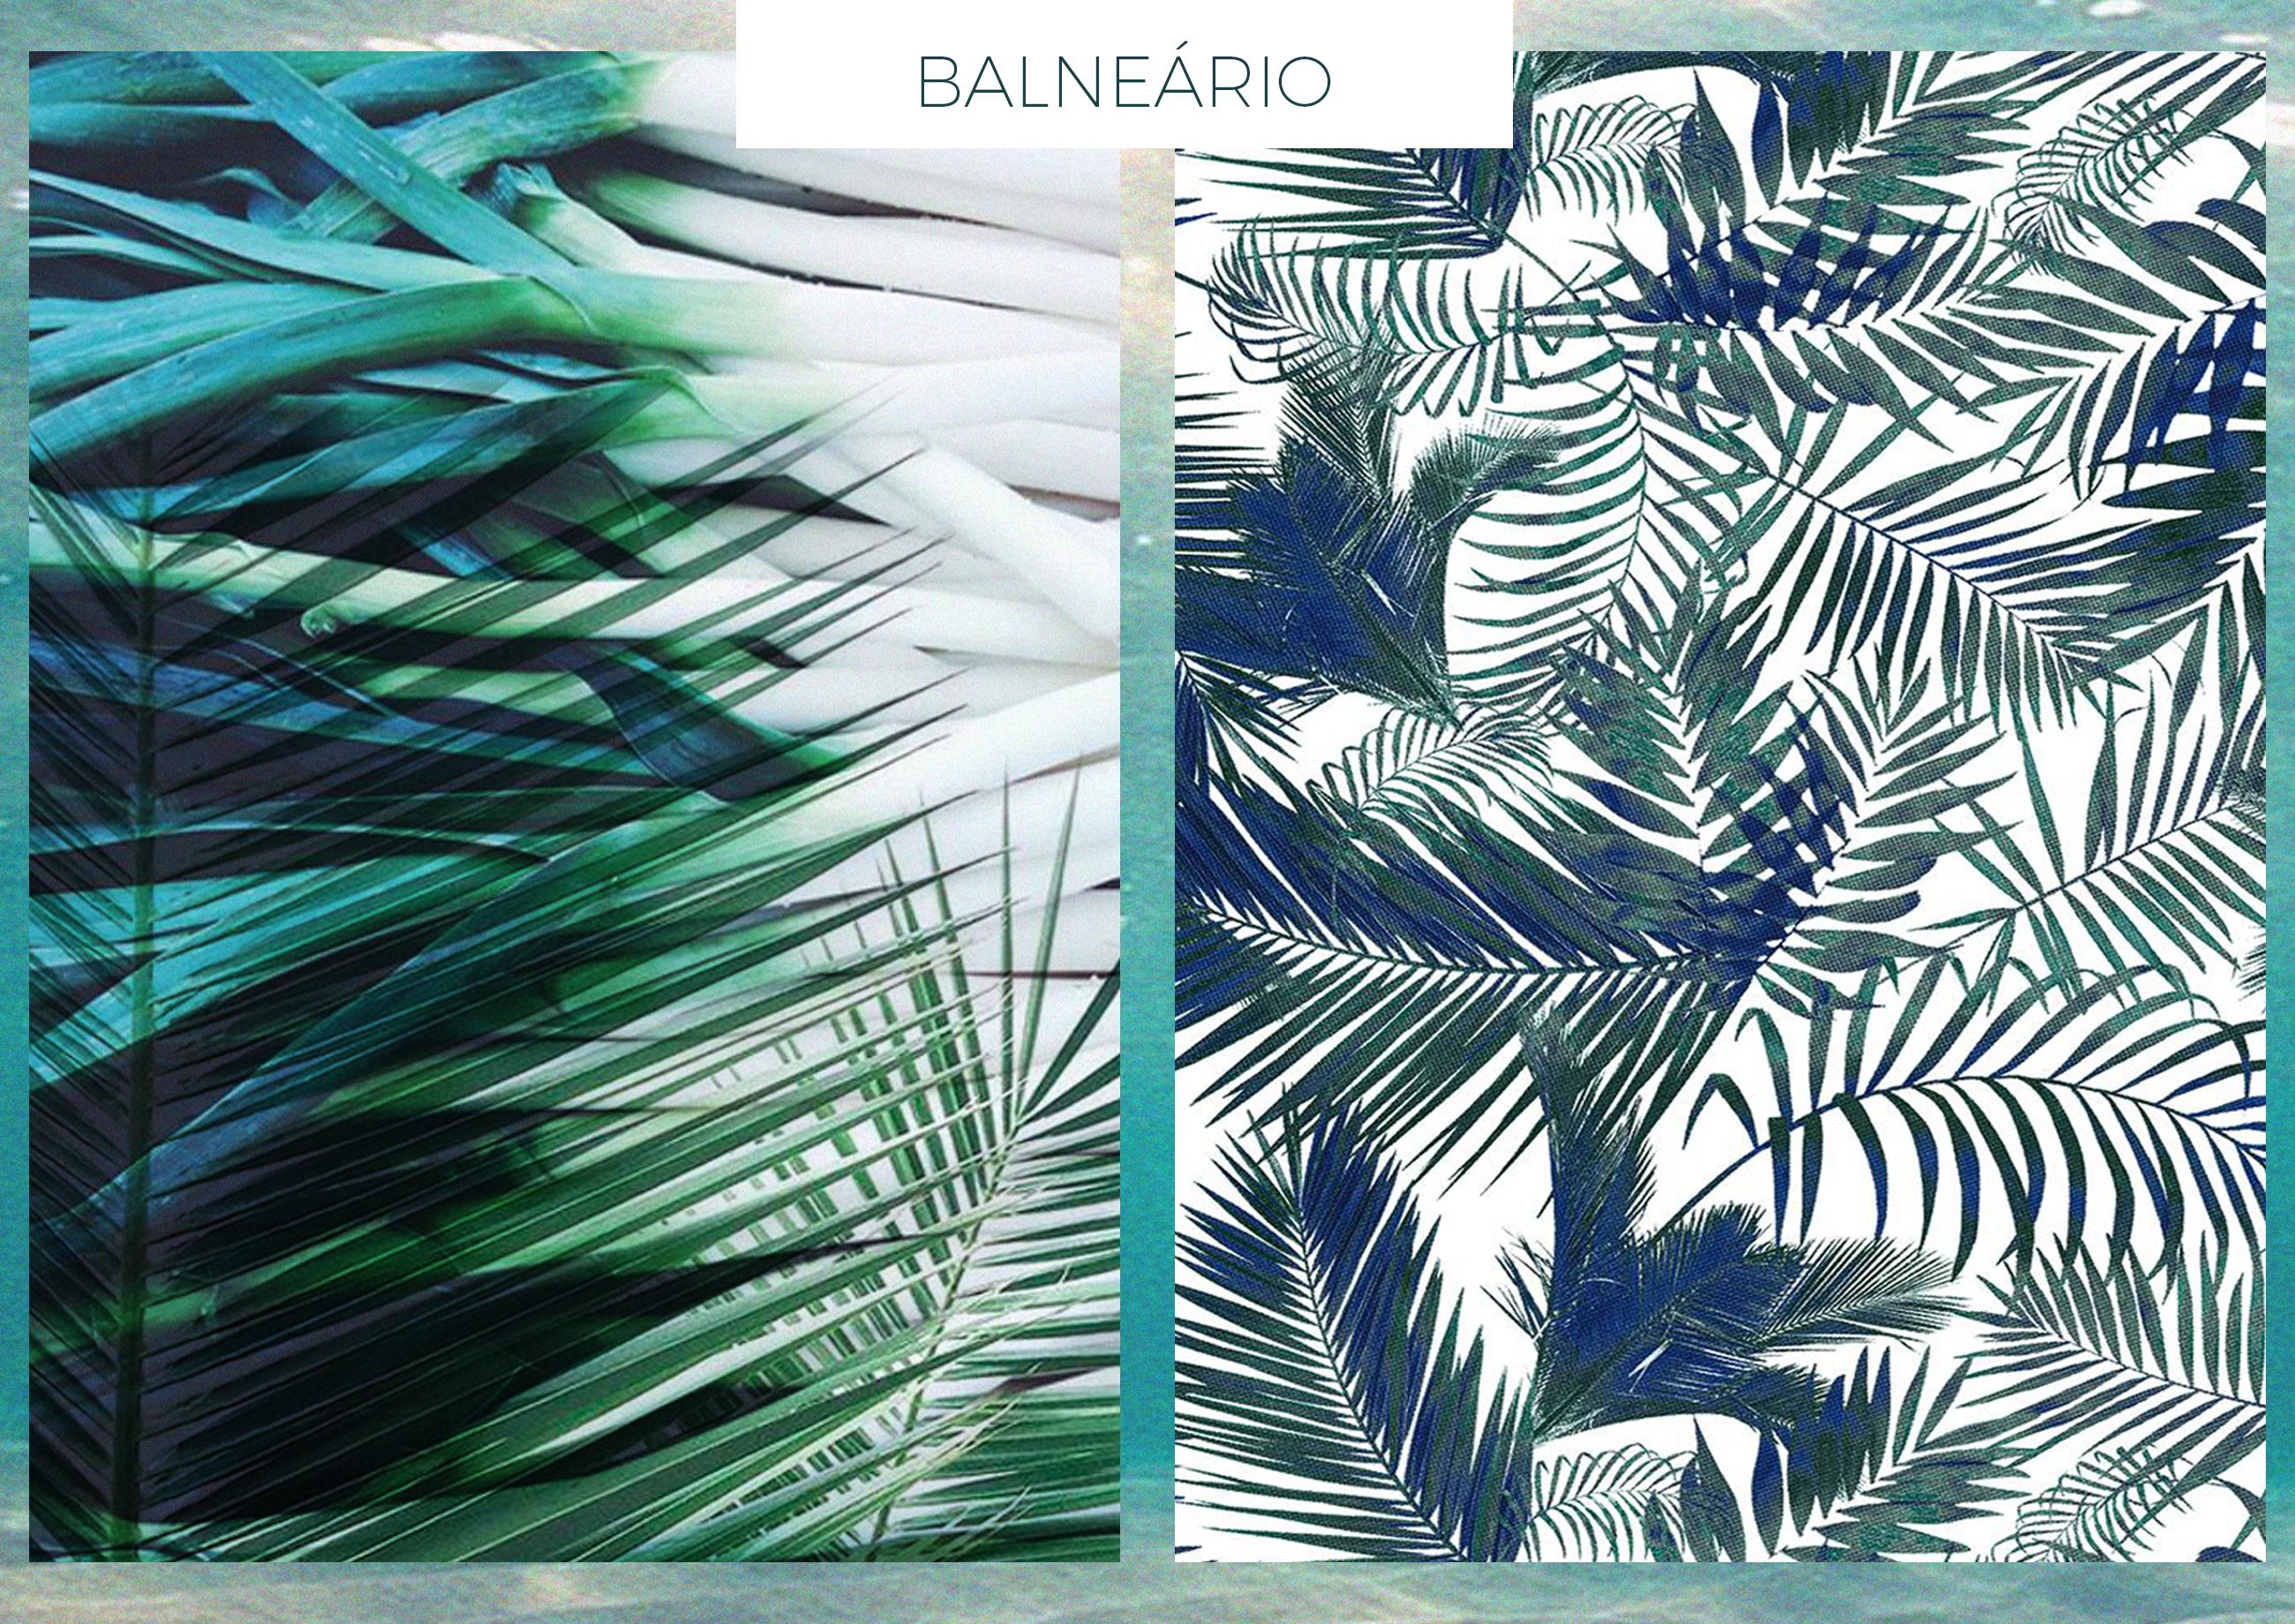 Sol e Praia à chamar o Verão! A estampa Balneário celebra os tons de verão, que se inspiram nas plantas dos litorais brasileiros.  #balneário #summer18 #swimwear #exploreseumomento #kikorpo